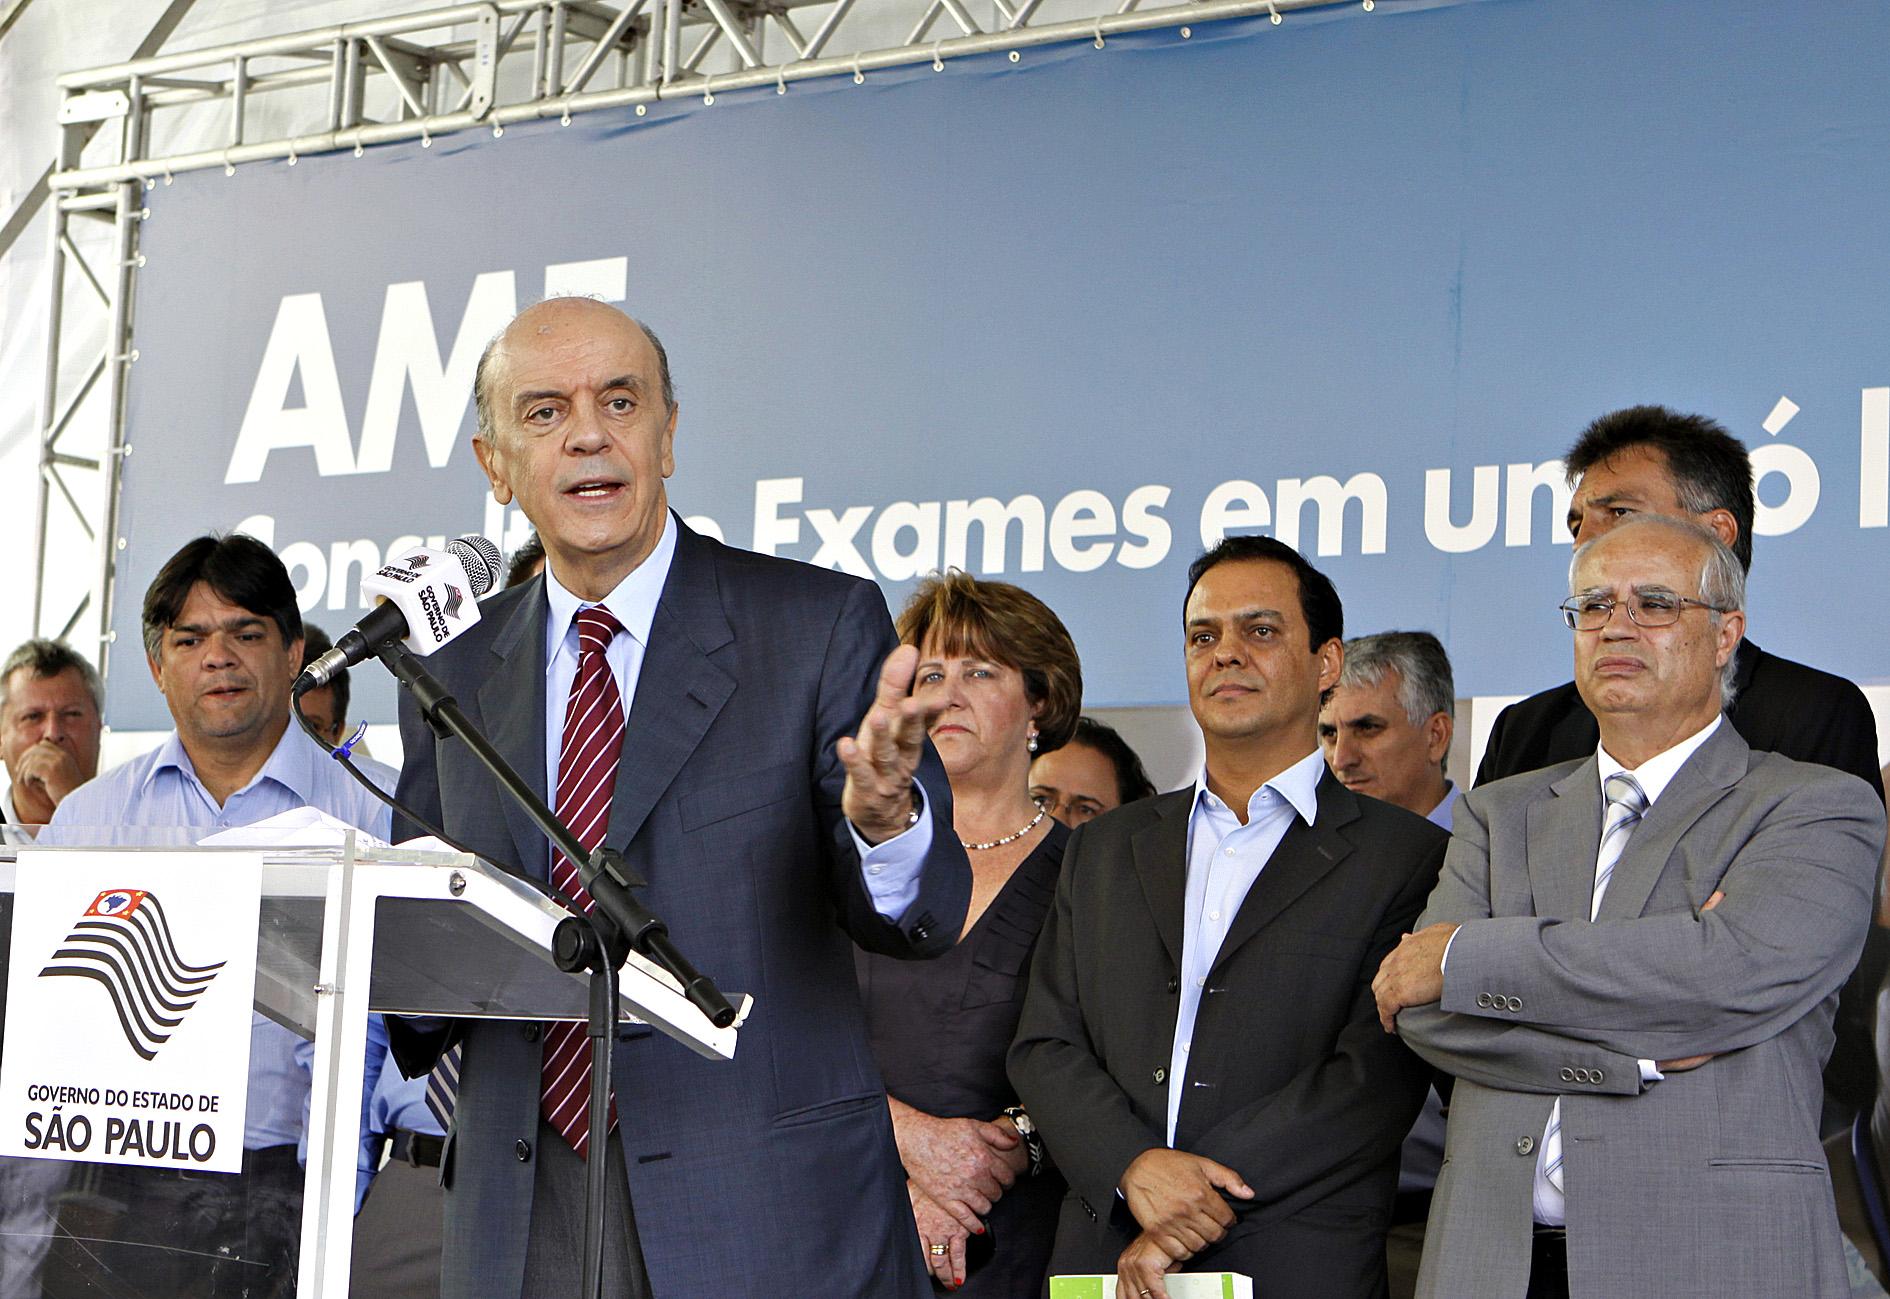 O Governador Jose Serra inaugura unidade da AME na cidade de Limeira. Data : 25/02/2010 Sao Paulo-SP Foto:Sergio Andrade/Governo do Estado de SP